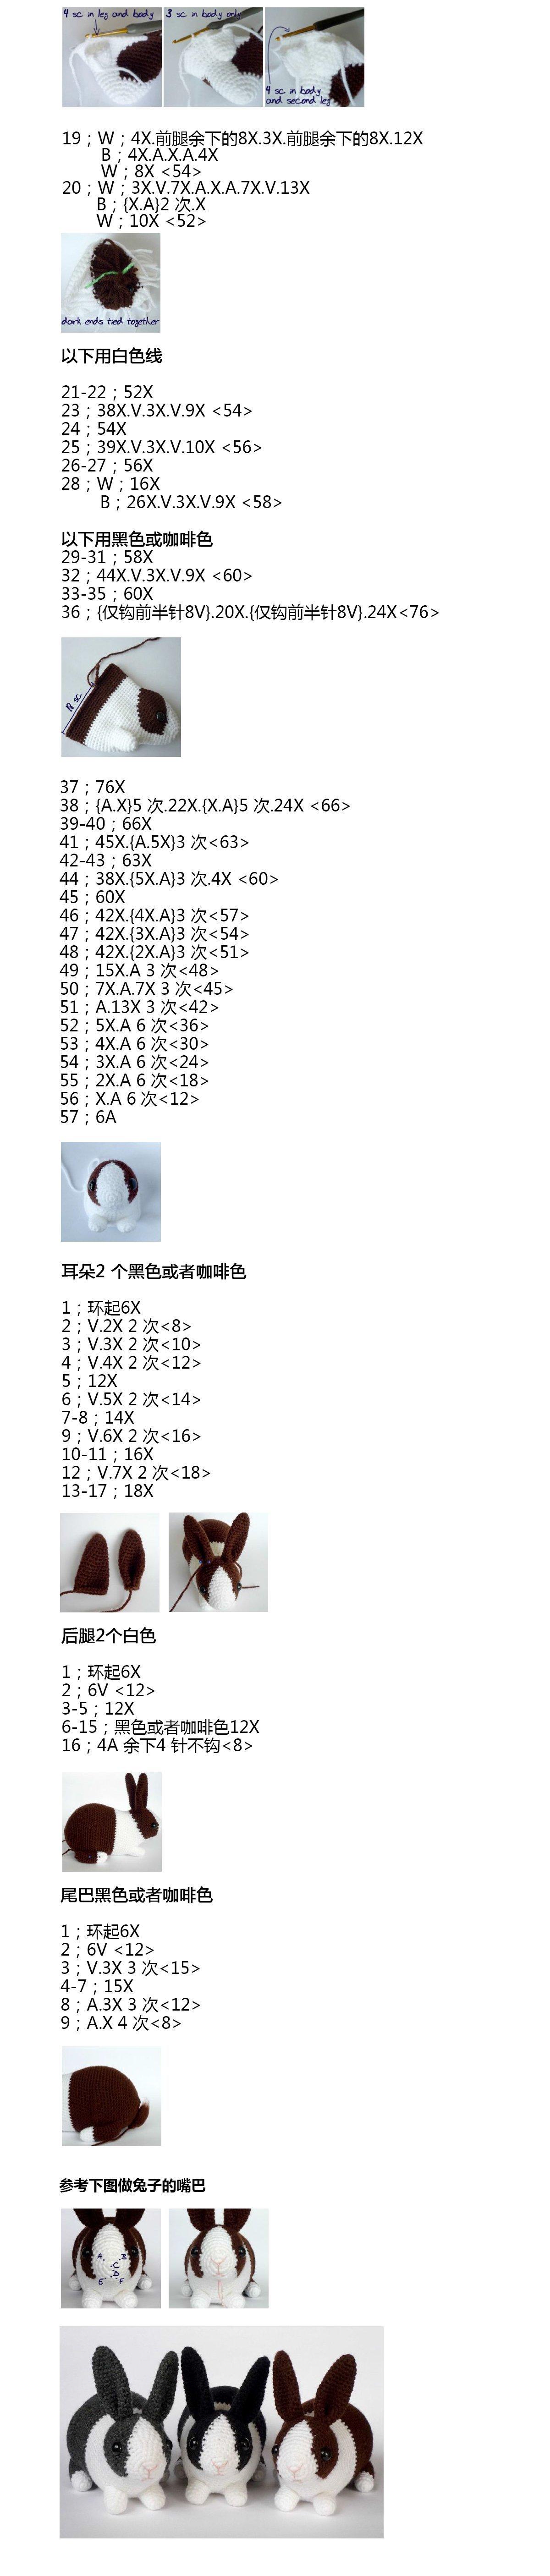 兔子图解2.jpg